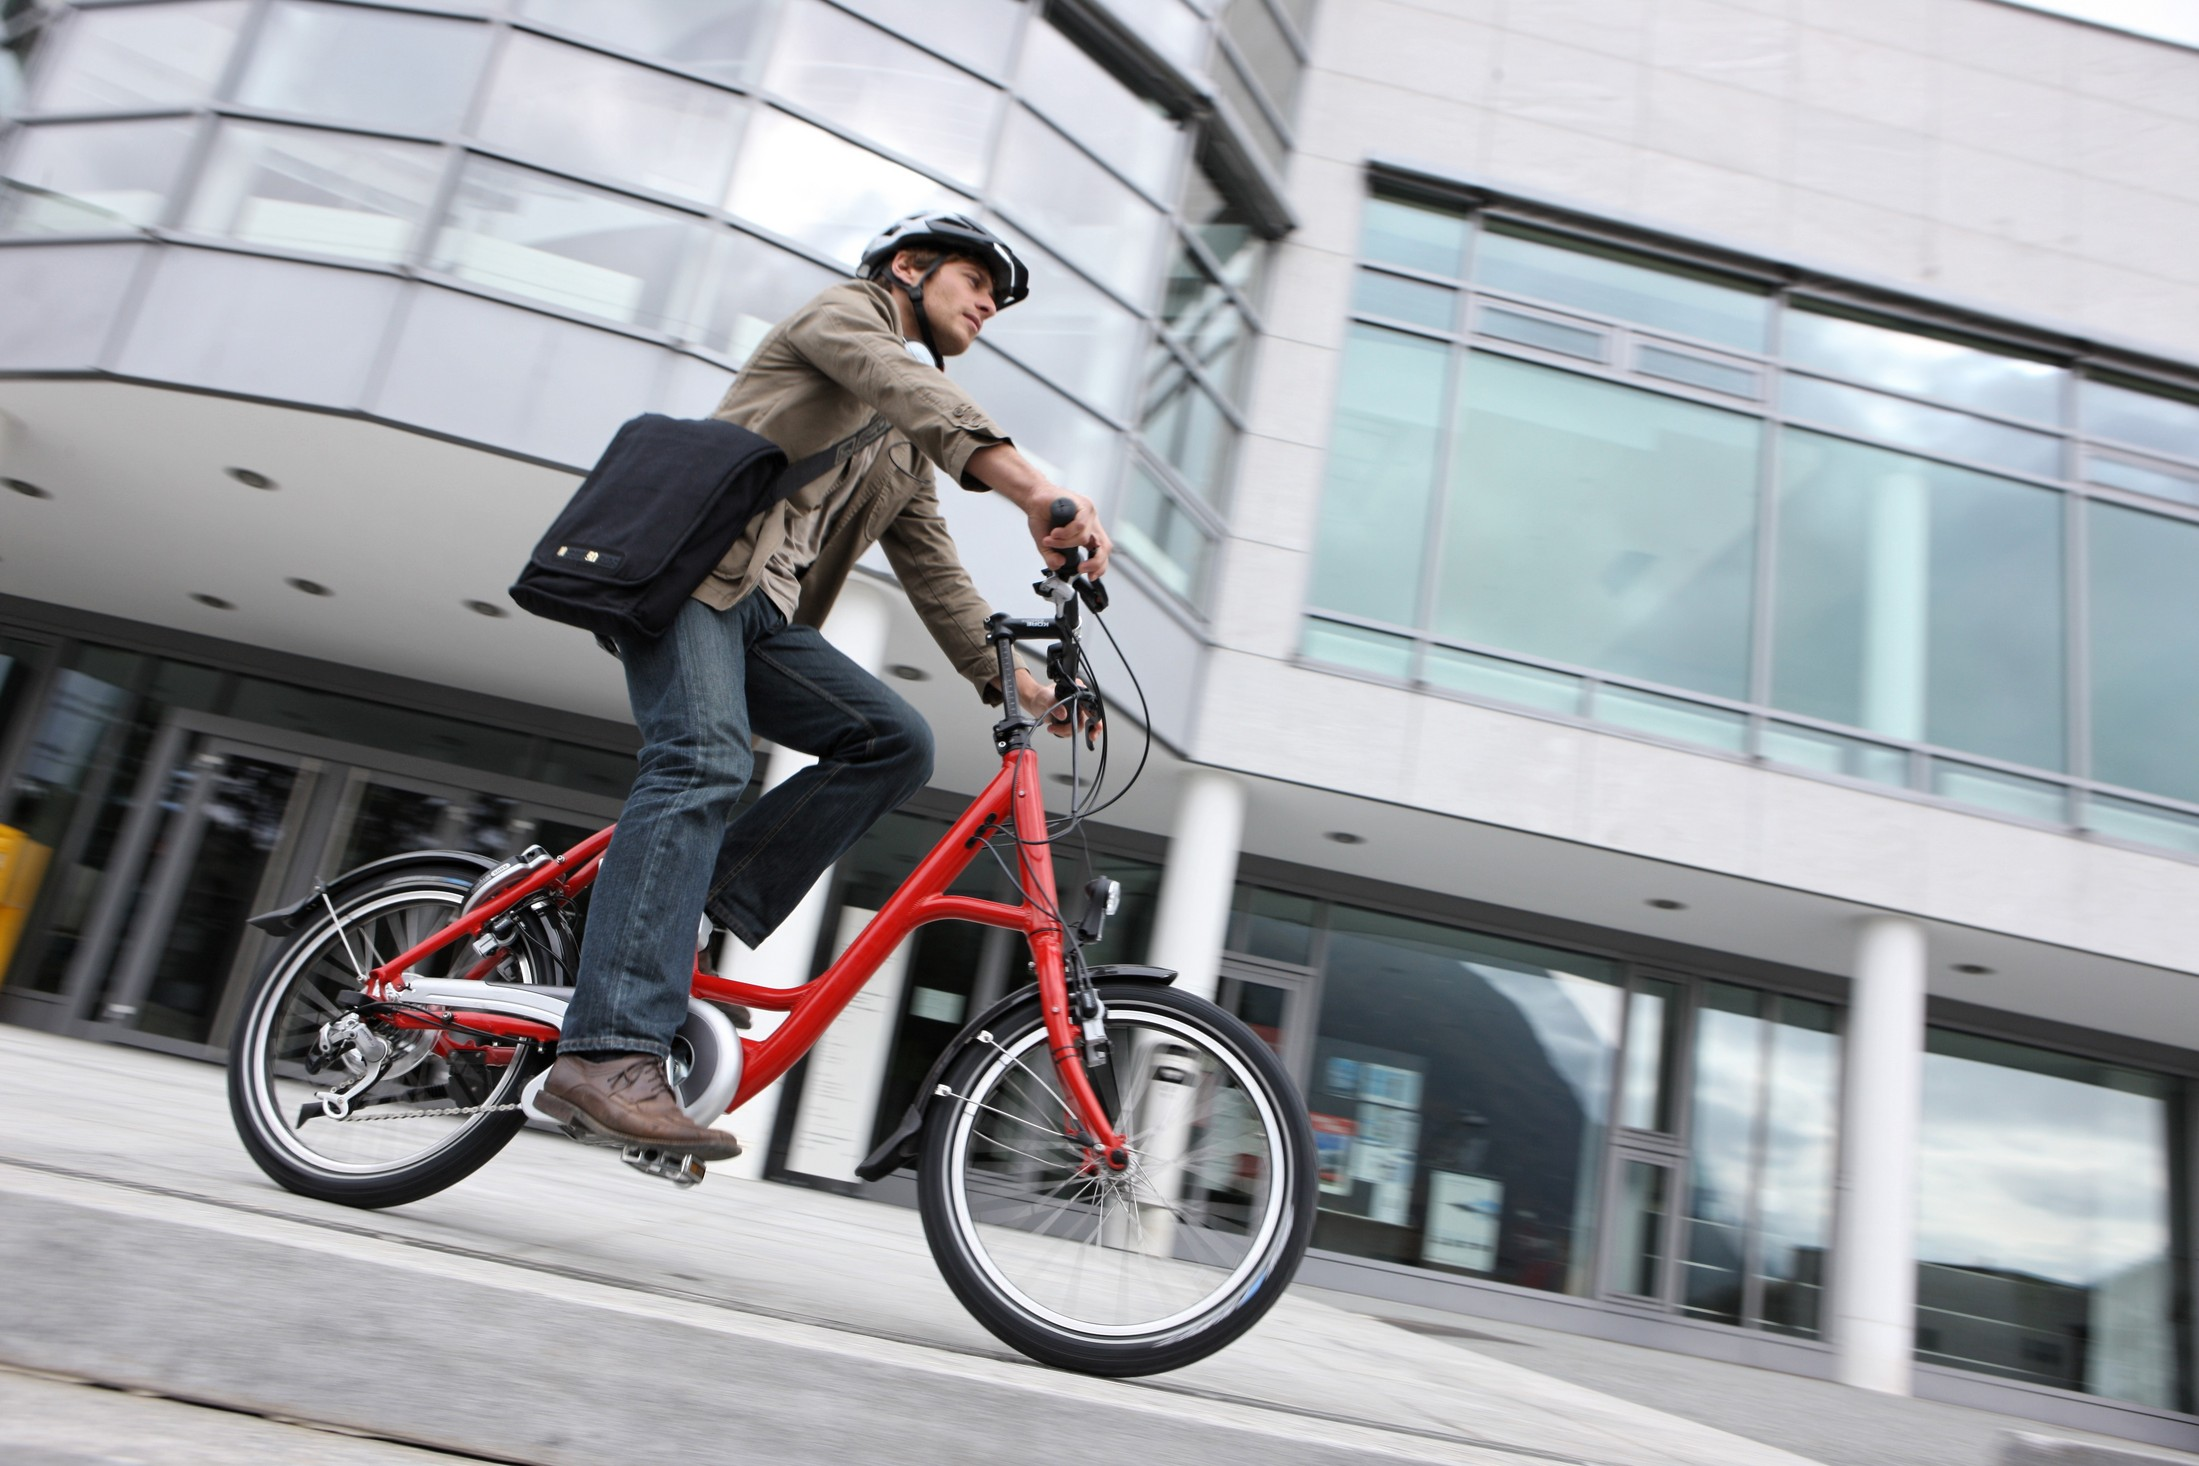 El sistema de bicicletas de Nueva York prohibe su uso a las personas con sobrepeso